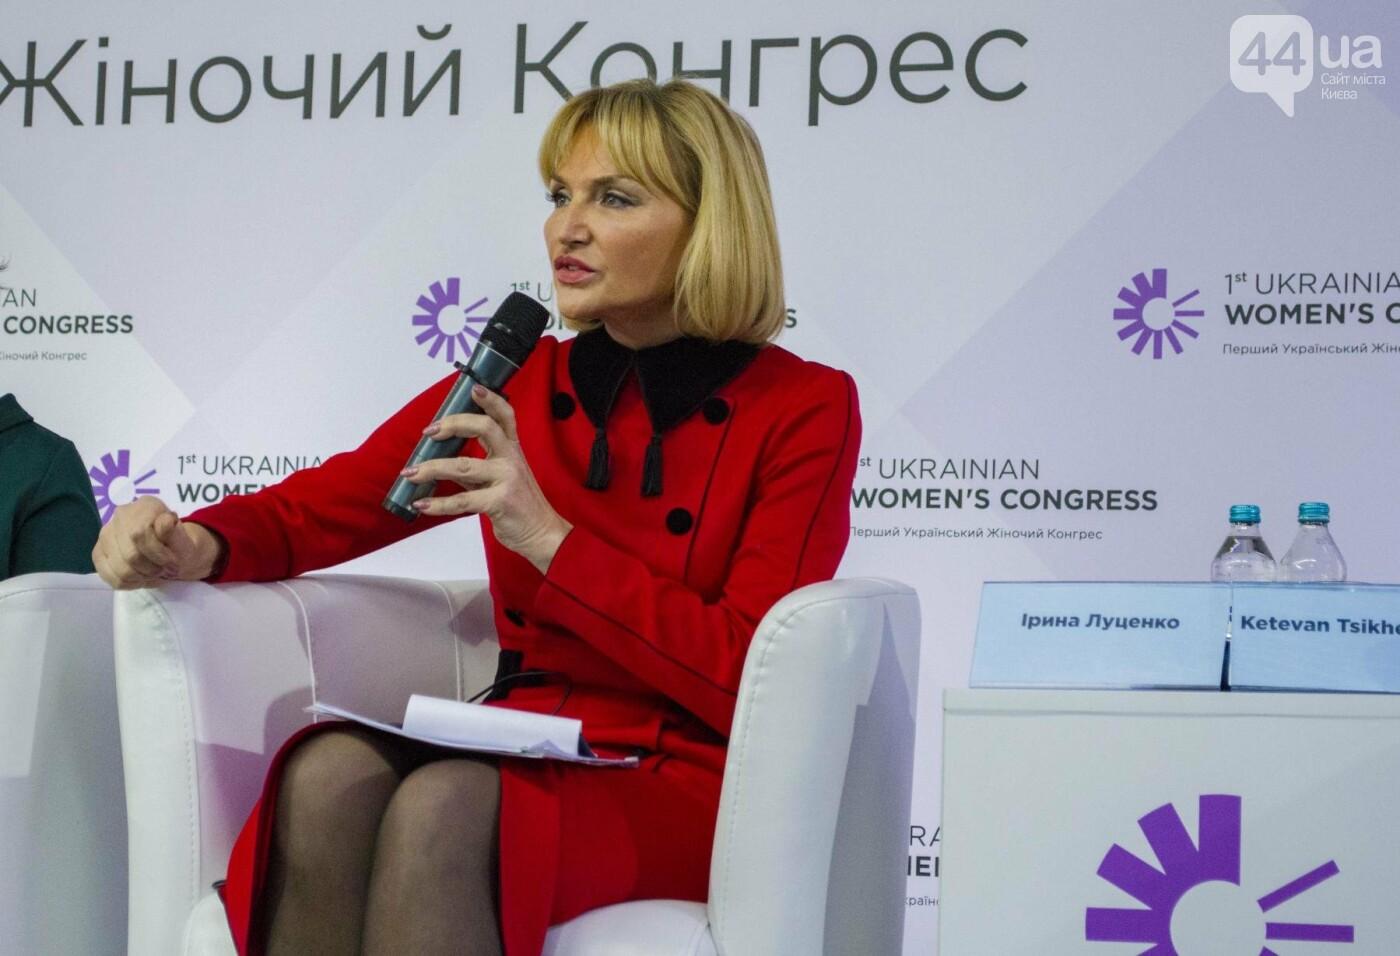 В Киеве проходит первый украинский Женский конгресс (ФОТО), фото-10